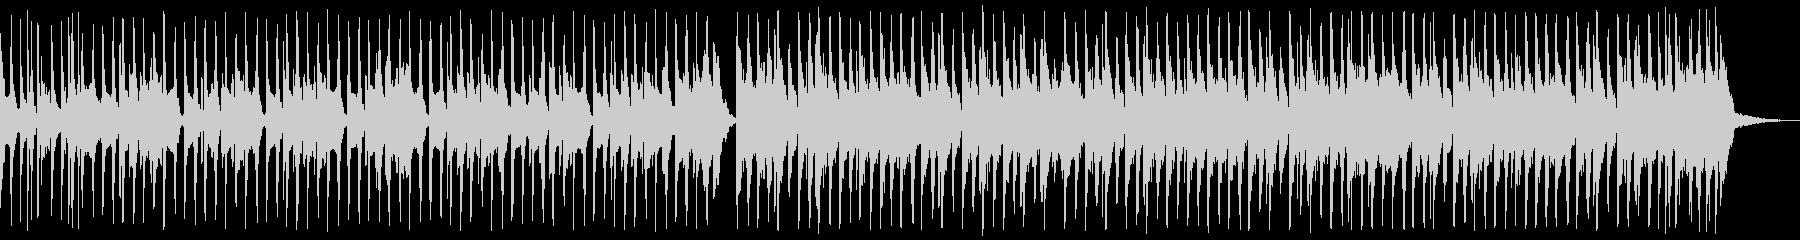 おしゃれなエレクトロスウィング01aの未再生の波形